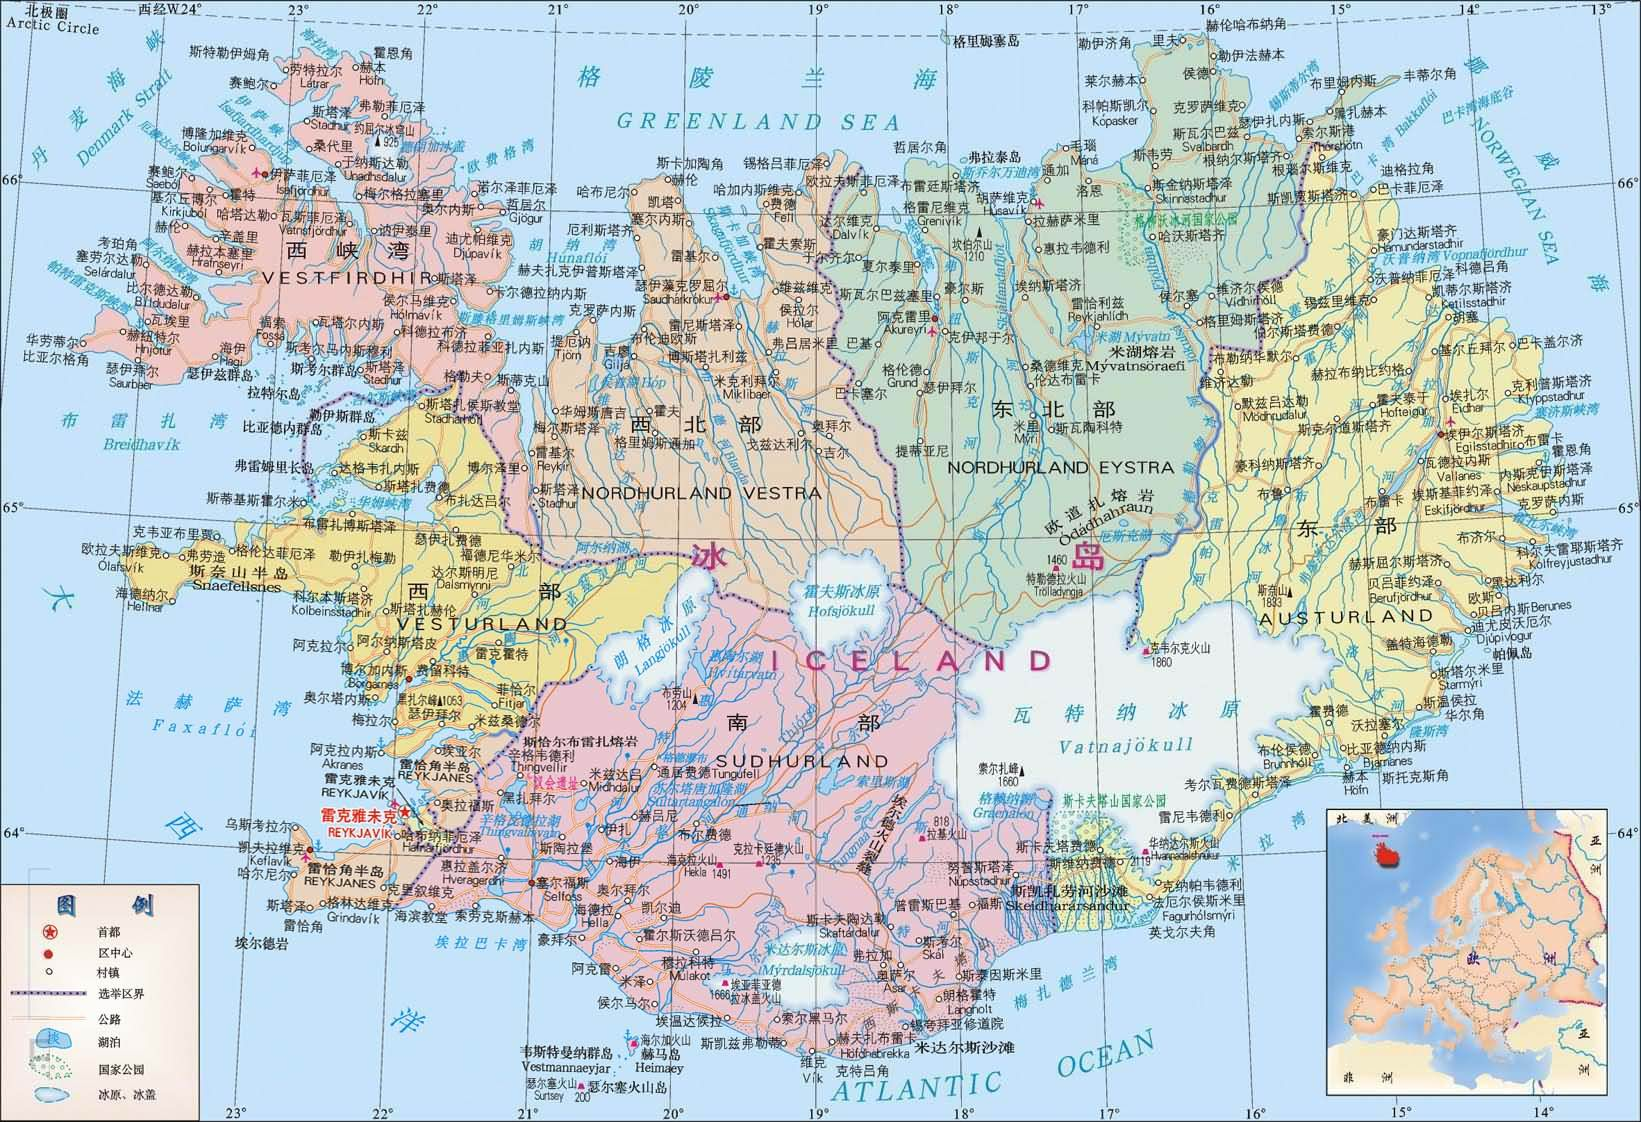 地图库 世界地图 欧洲 冰岛 >> 冰岛地图高清中文版  分类: 冰岛